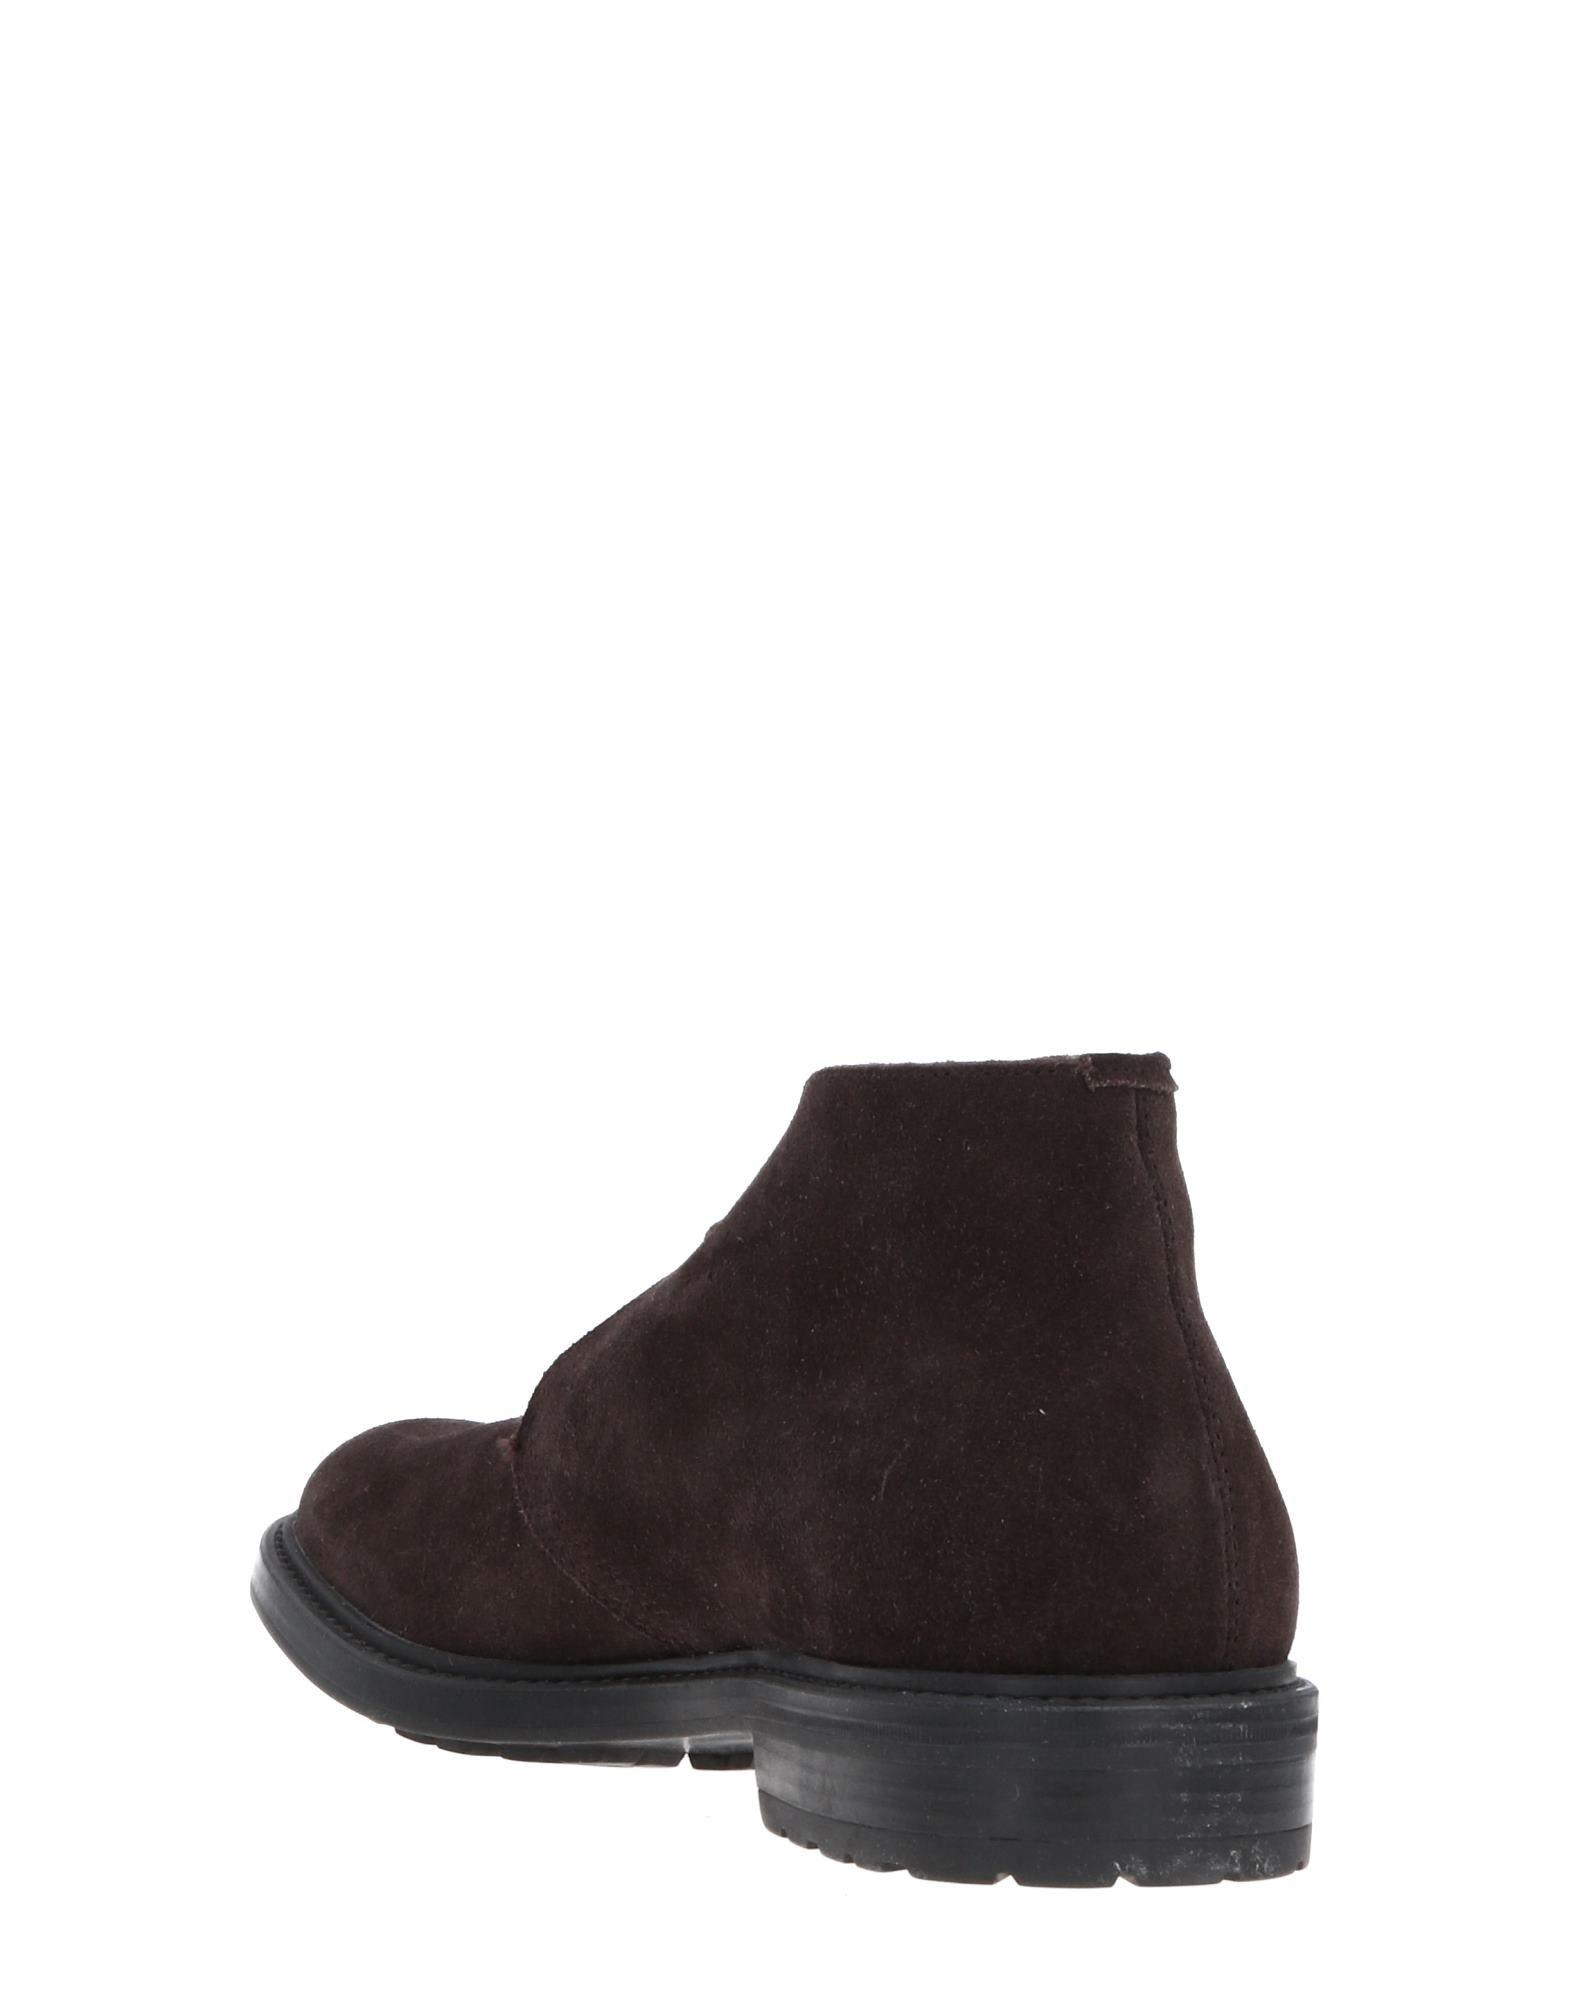 Settantatre Lr Stiefelette Herren  11516128LS Gute Qualität beliebte Schuhe